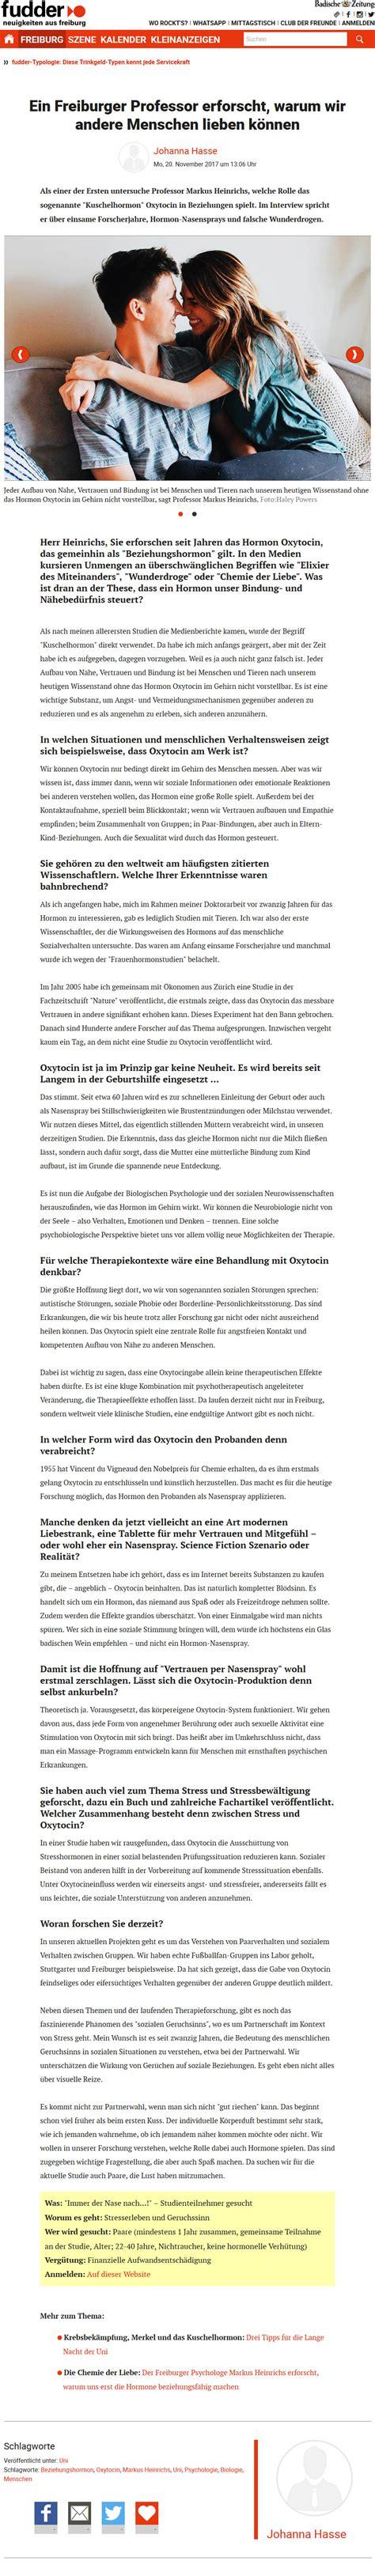 Das lerntagebuch grundschule als lerntechnik eignet sich für einzelne fächer, in denen ihr kind sich verschlechtert hat. Lerntagebuch Uni Freiburg - Pdf Lehren Und Lernen Im Forstwissenschaftlichen Studium Uber Das ...